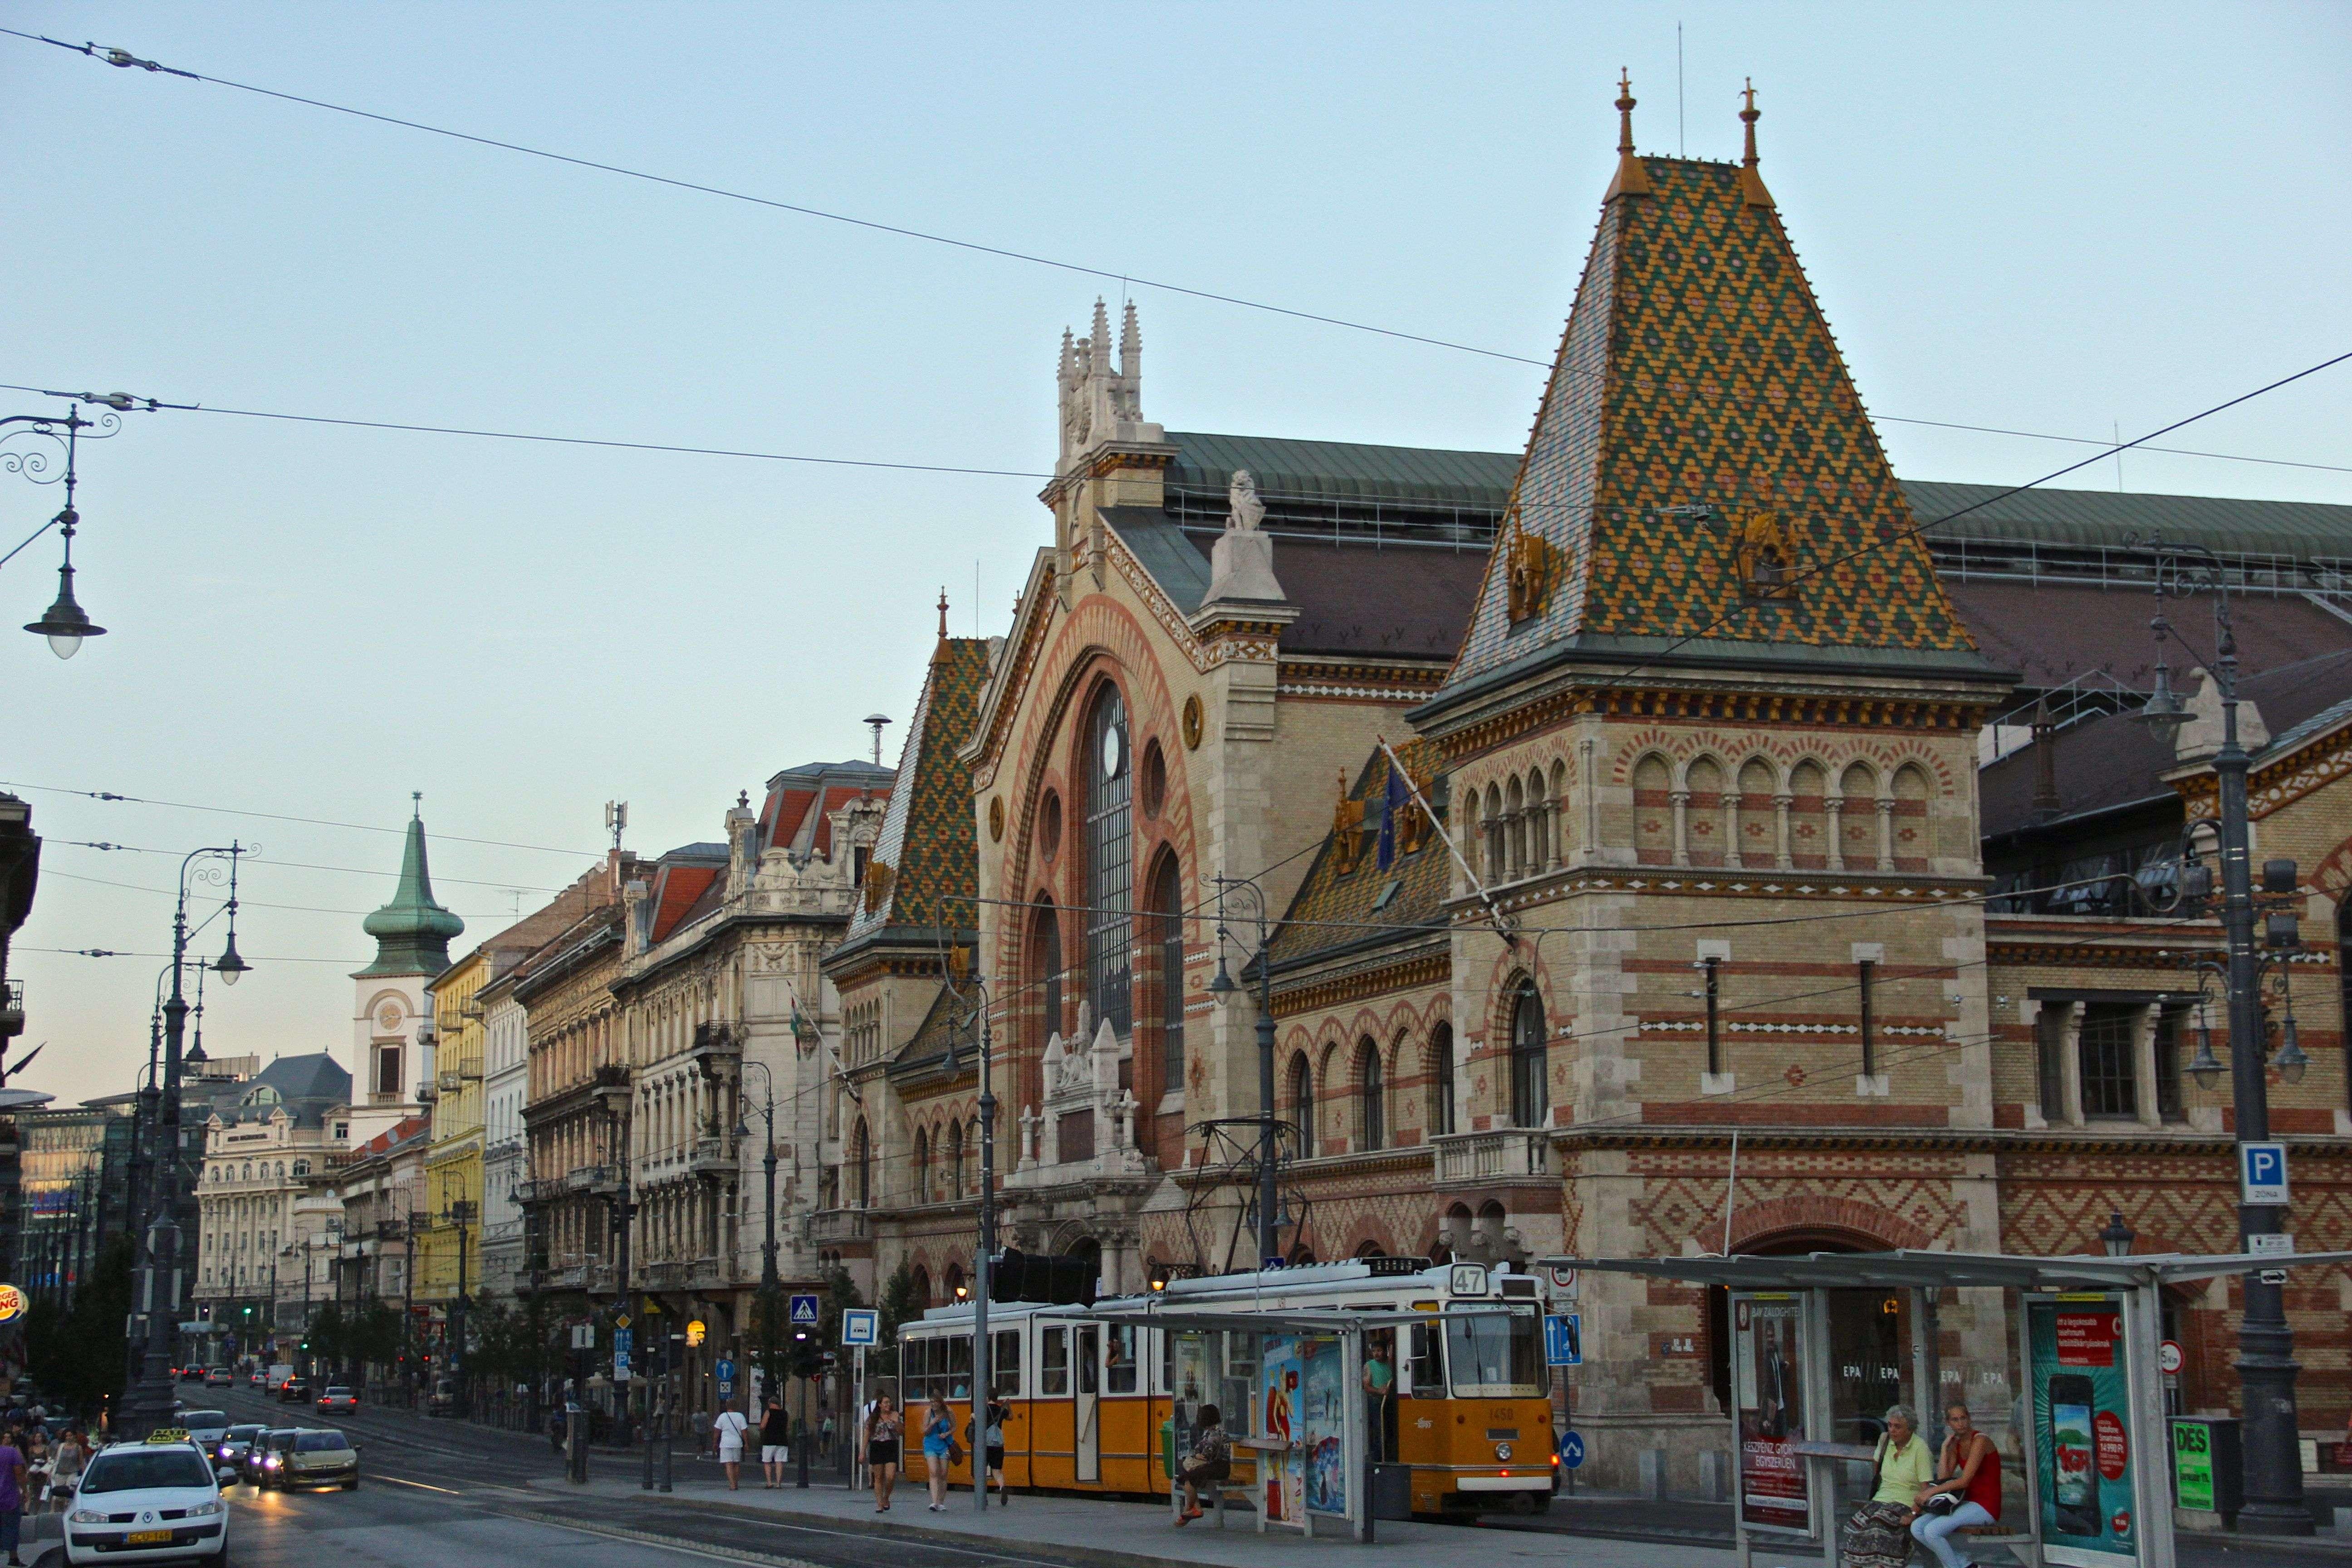 Η Ελληνική Κοινότητα Βουδαπέστης εκκλησιαστικά ήταν εξαρτημένη από τον Ορθόδοξο Επίσκοπο Βουδιμίου